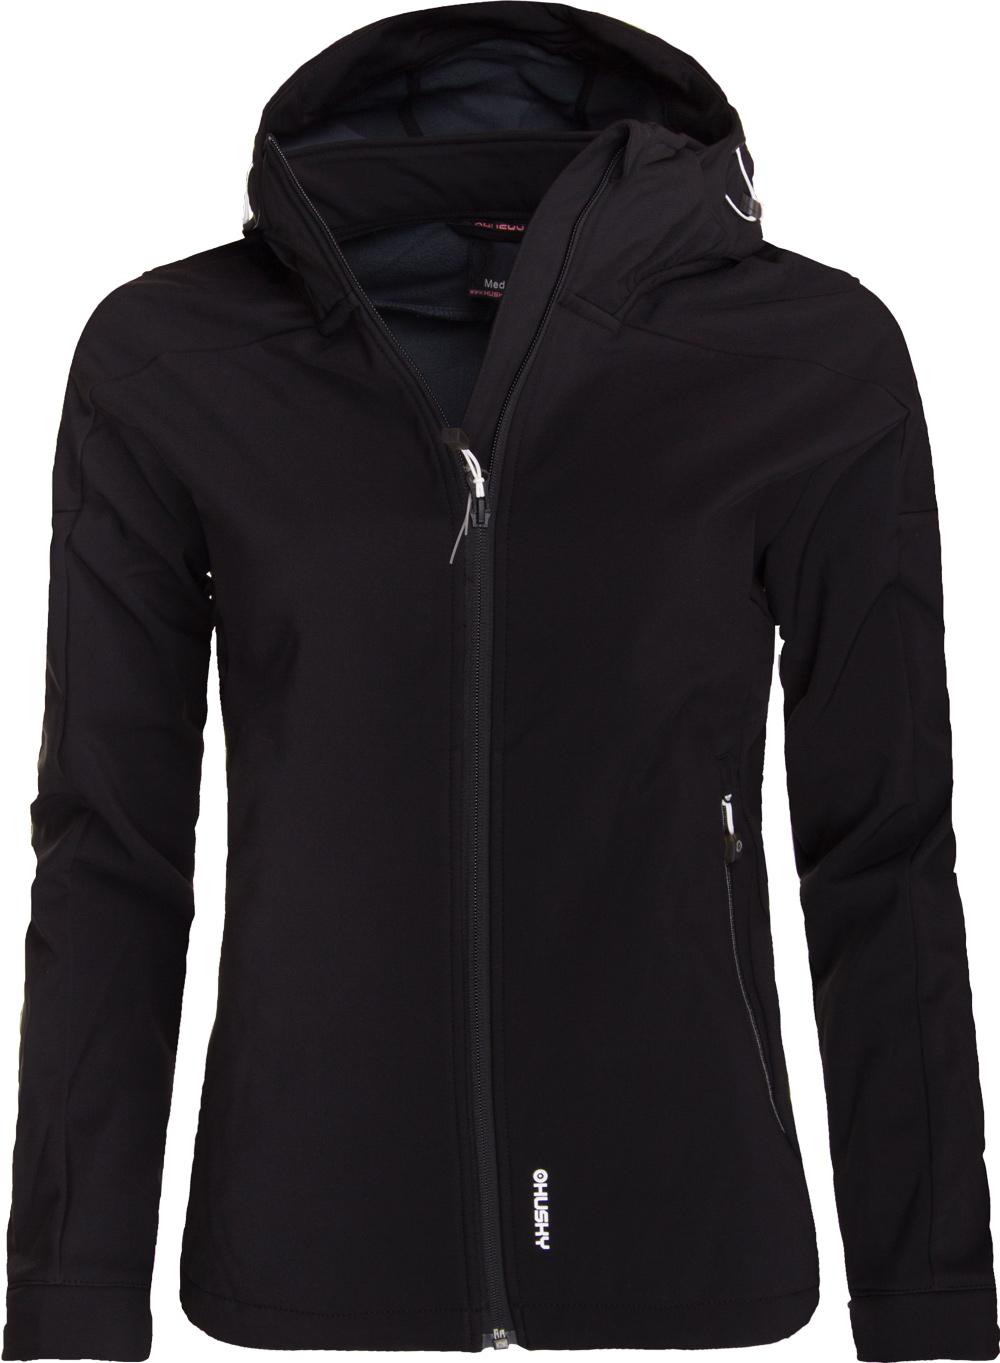 Women's softshell jacket HUSKY SALEN L